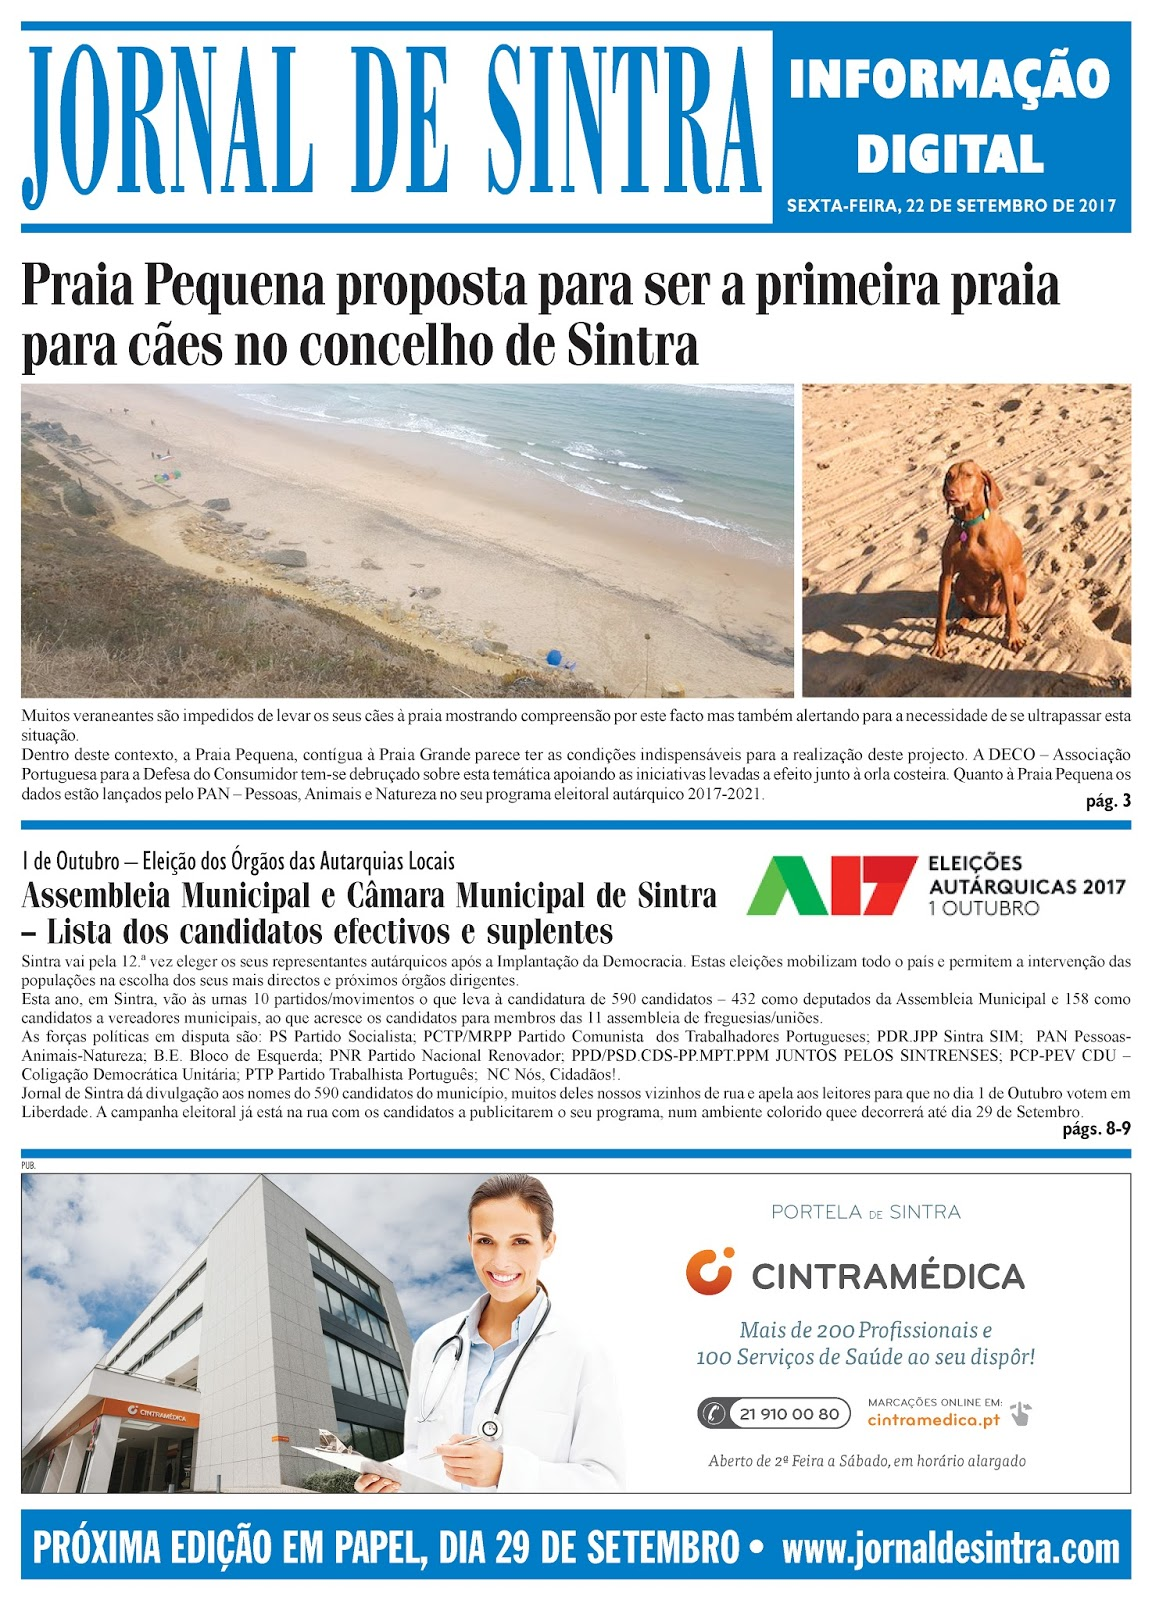 Capa da edição de 22-09-2017